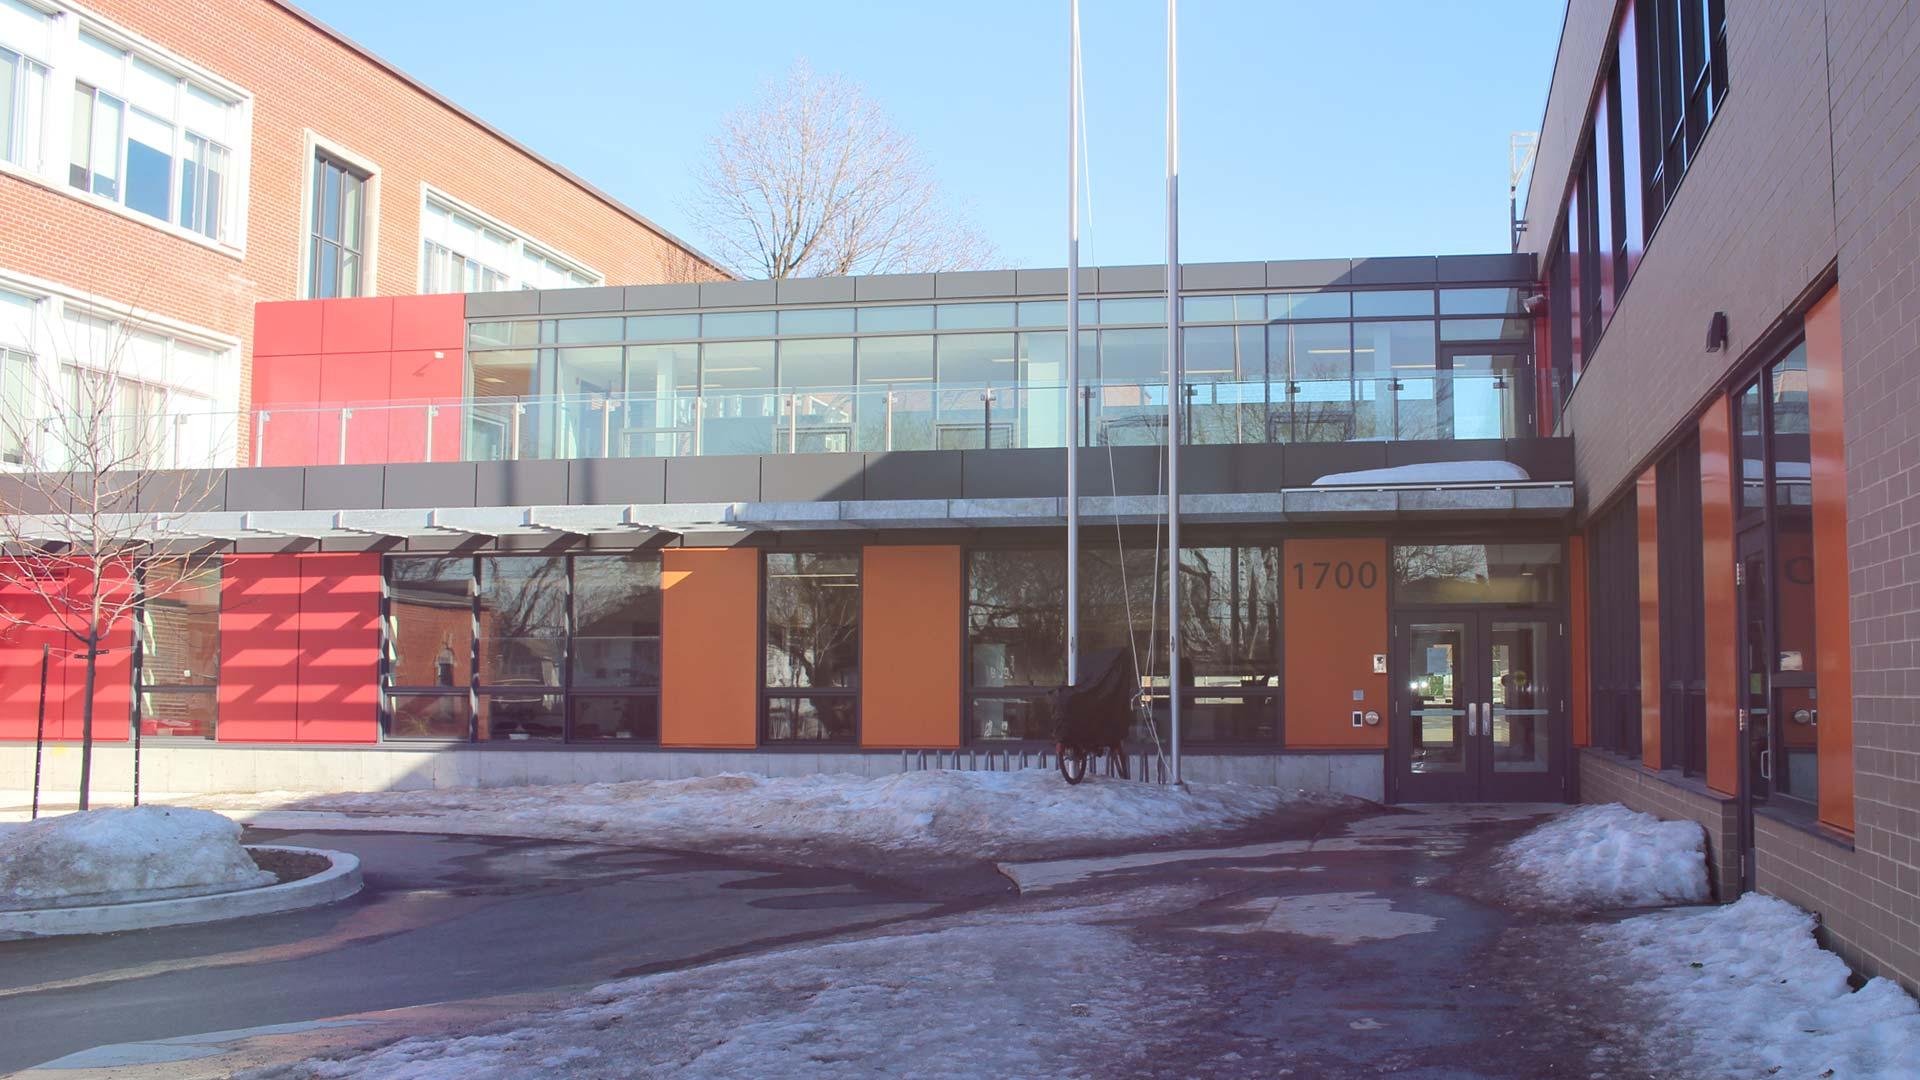 Agrandissement-de-ecole-primaire-Katimavik-Hebert-entete